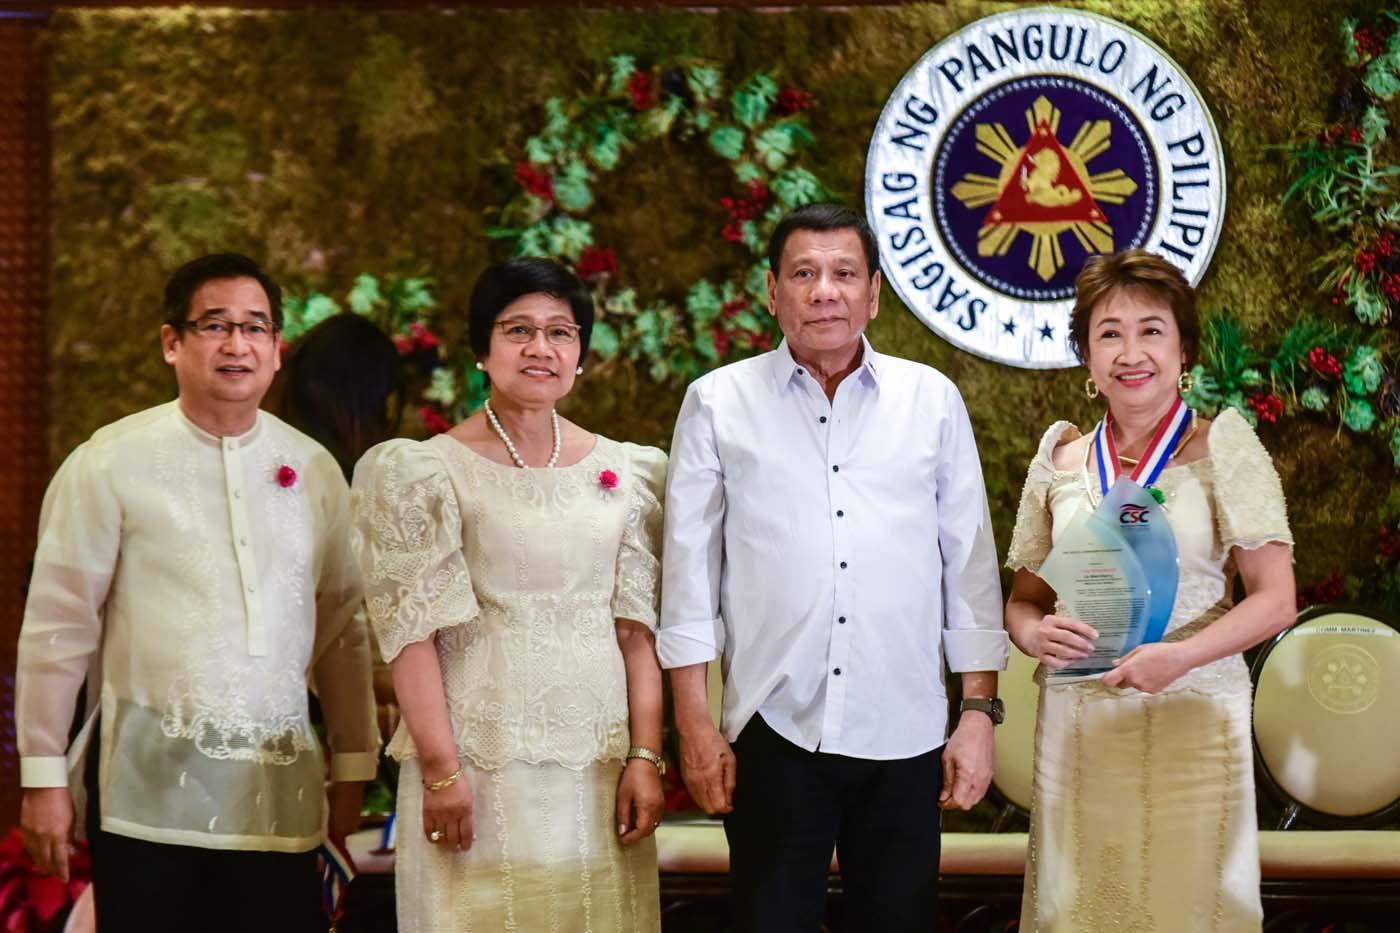 President Rodrigo Duterte with team leader Cynthia Abiol